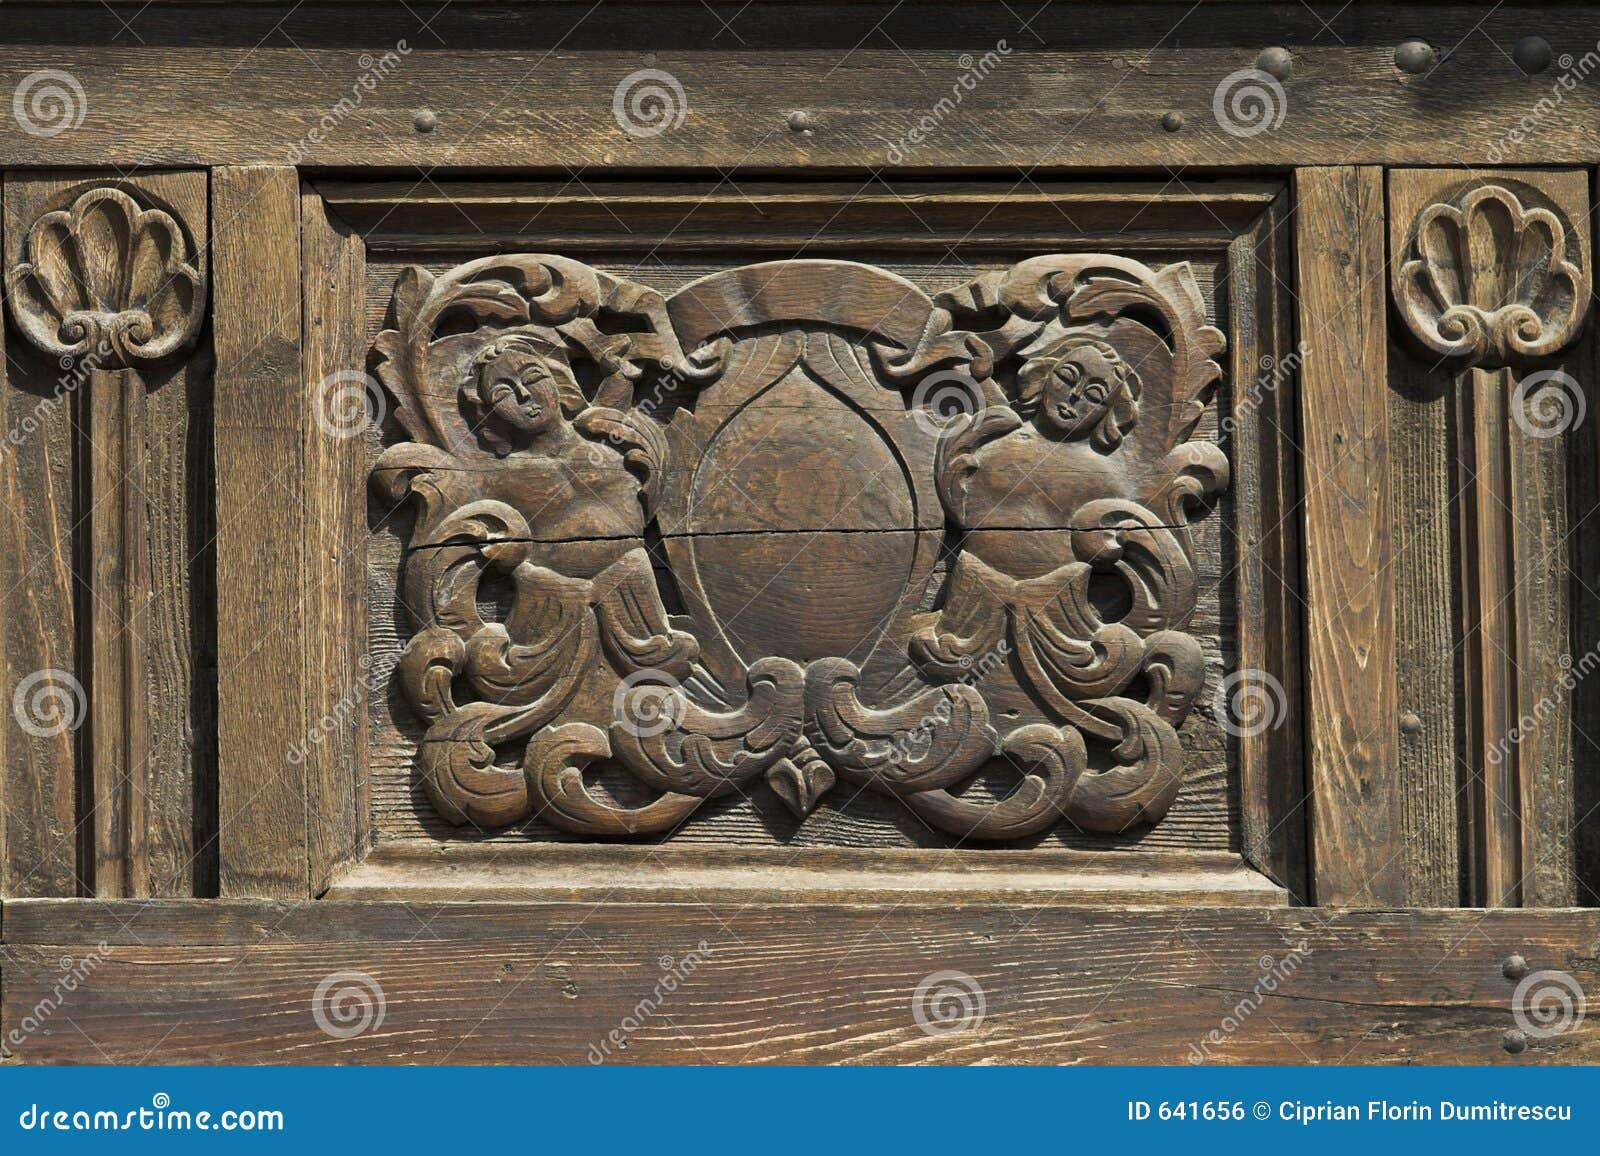 Trabajos Manuales De Madera Foto De Archivo Imagen De Vendimia - Trabajos-manuales-en-madera